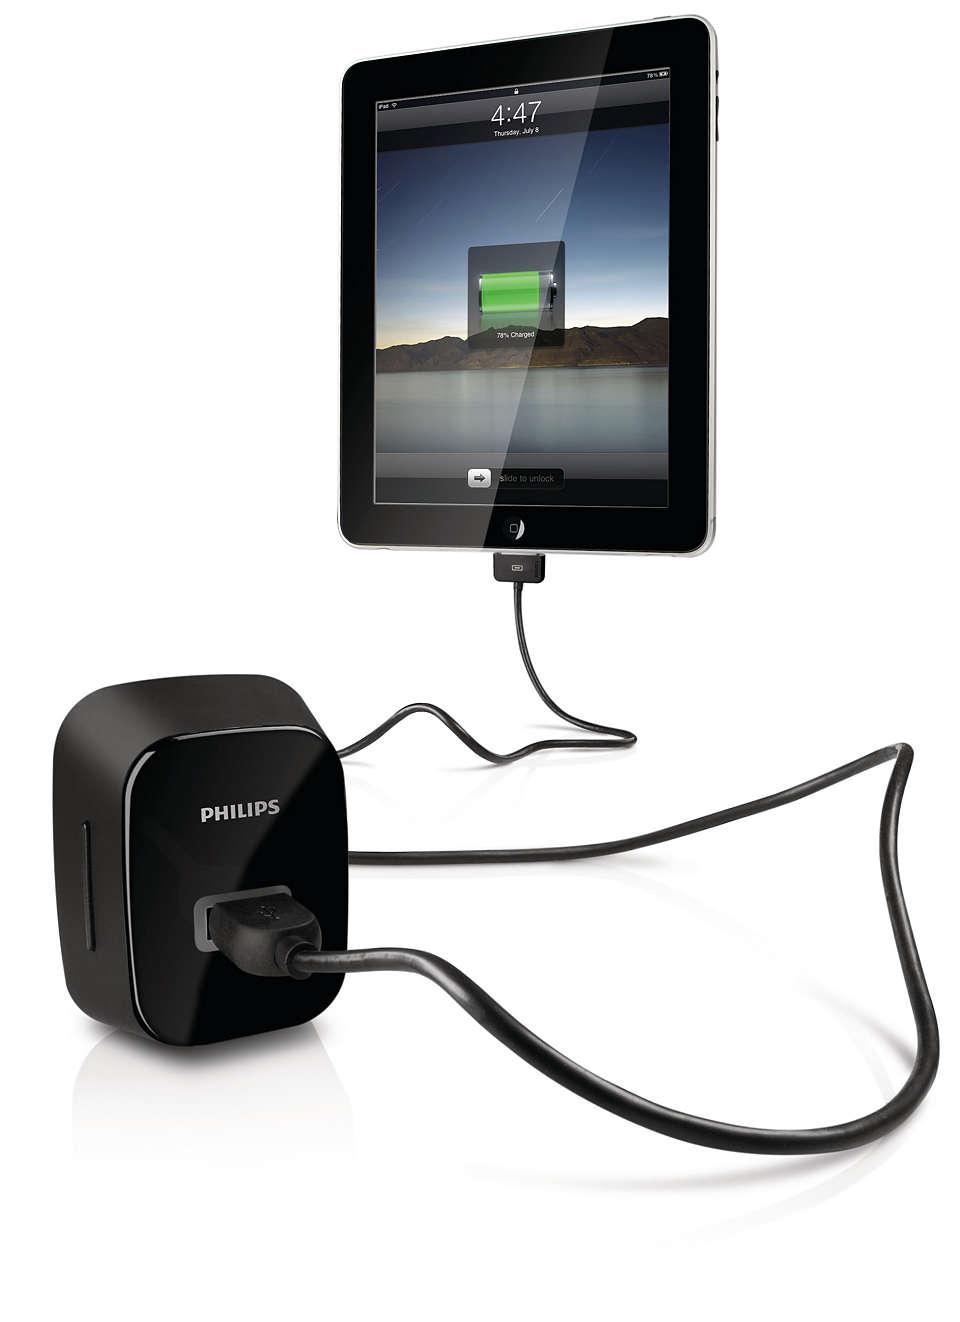 Ładowanie tabletu iPad, telefonu iPhone lub odtwarzacza iPod